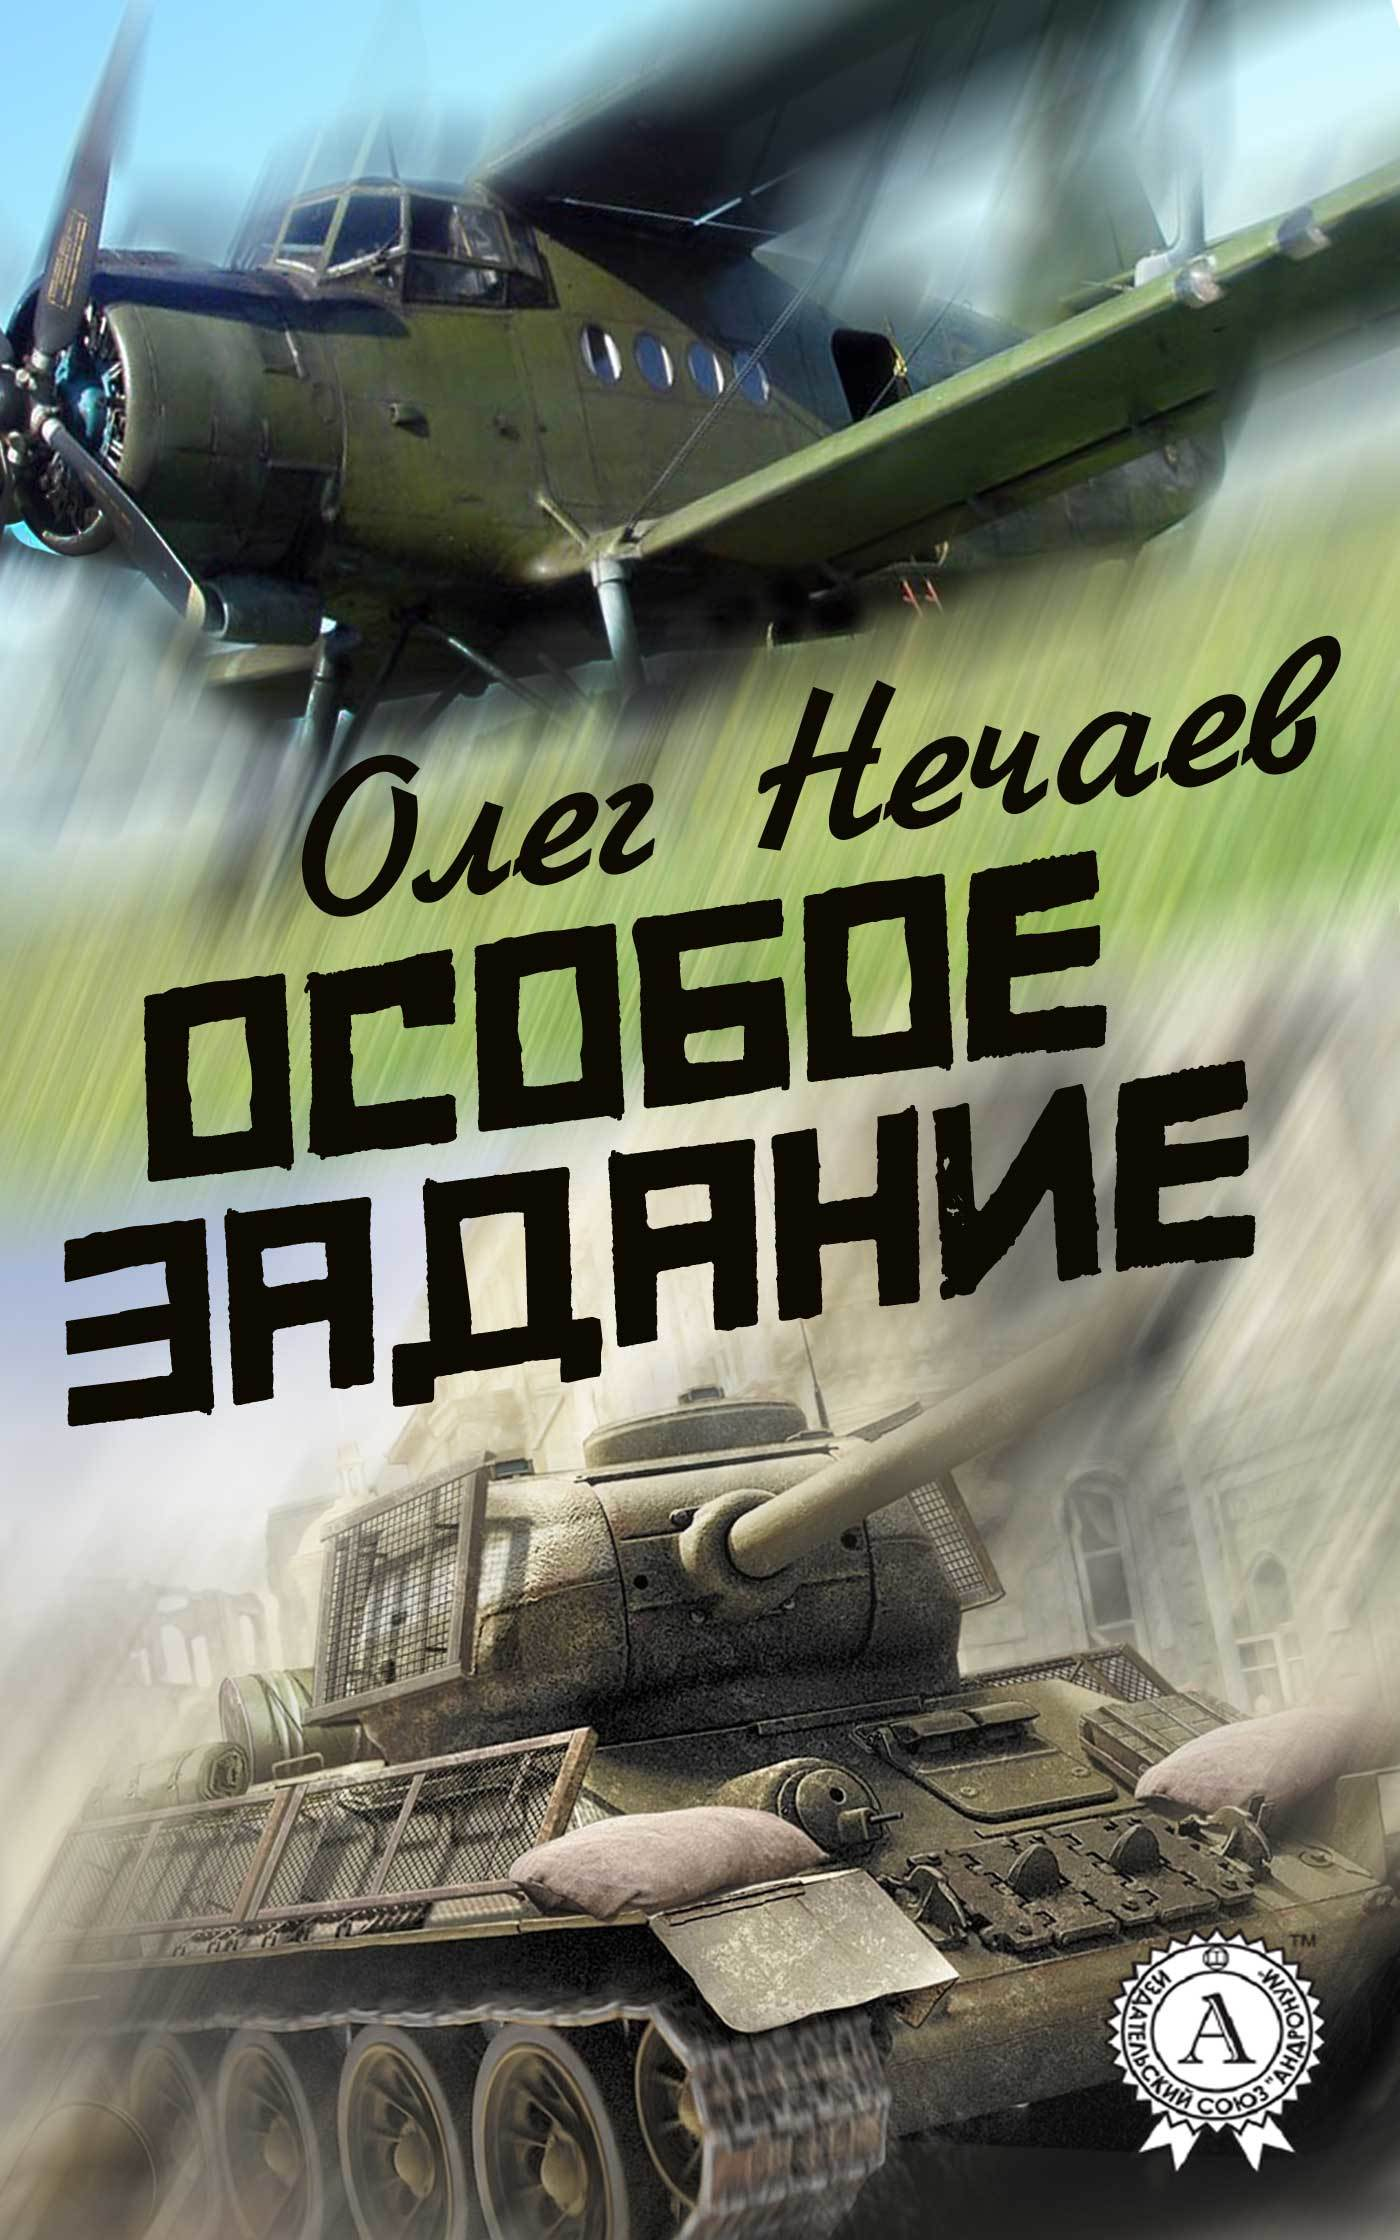 Олег Нечаев - Особое задание